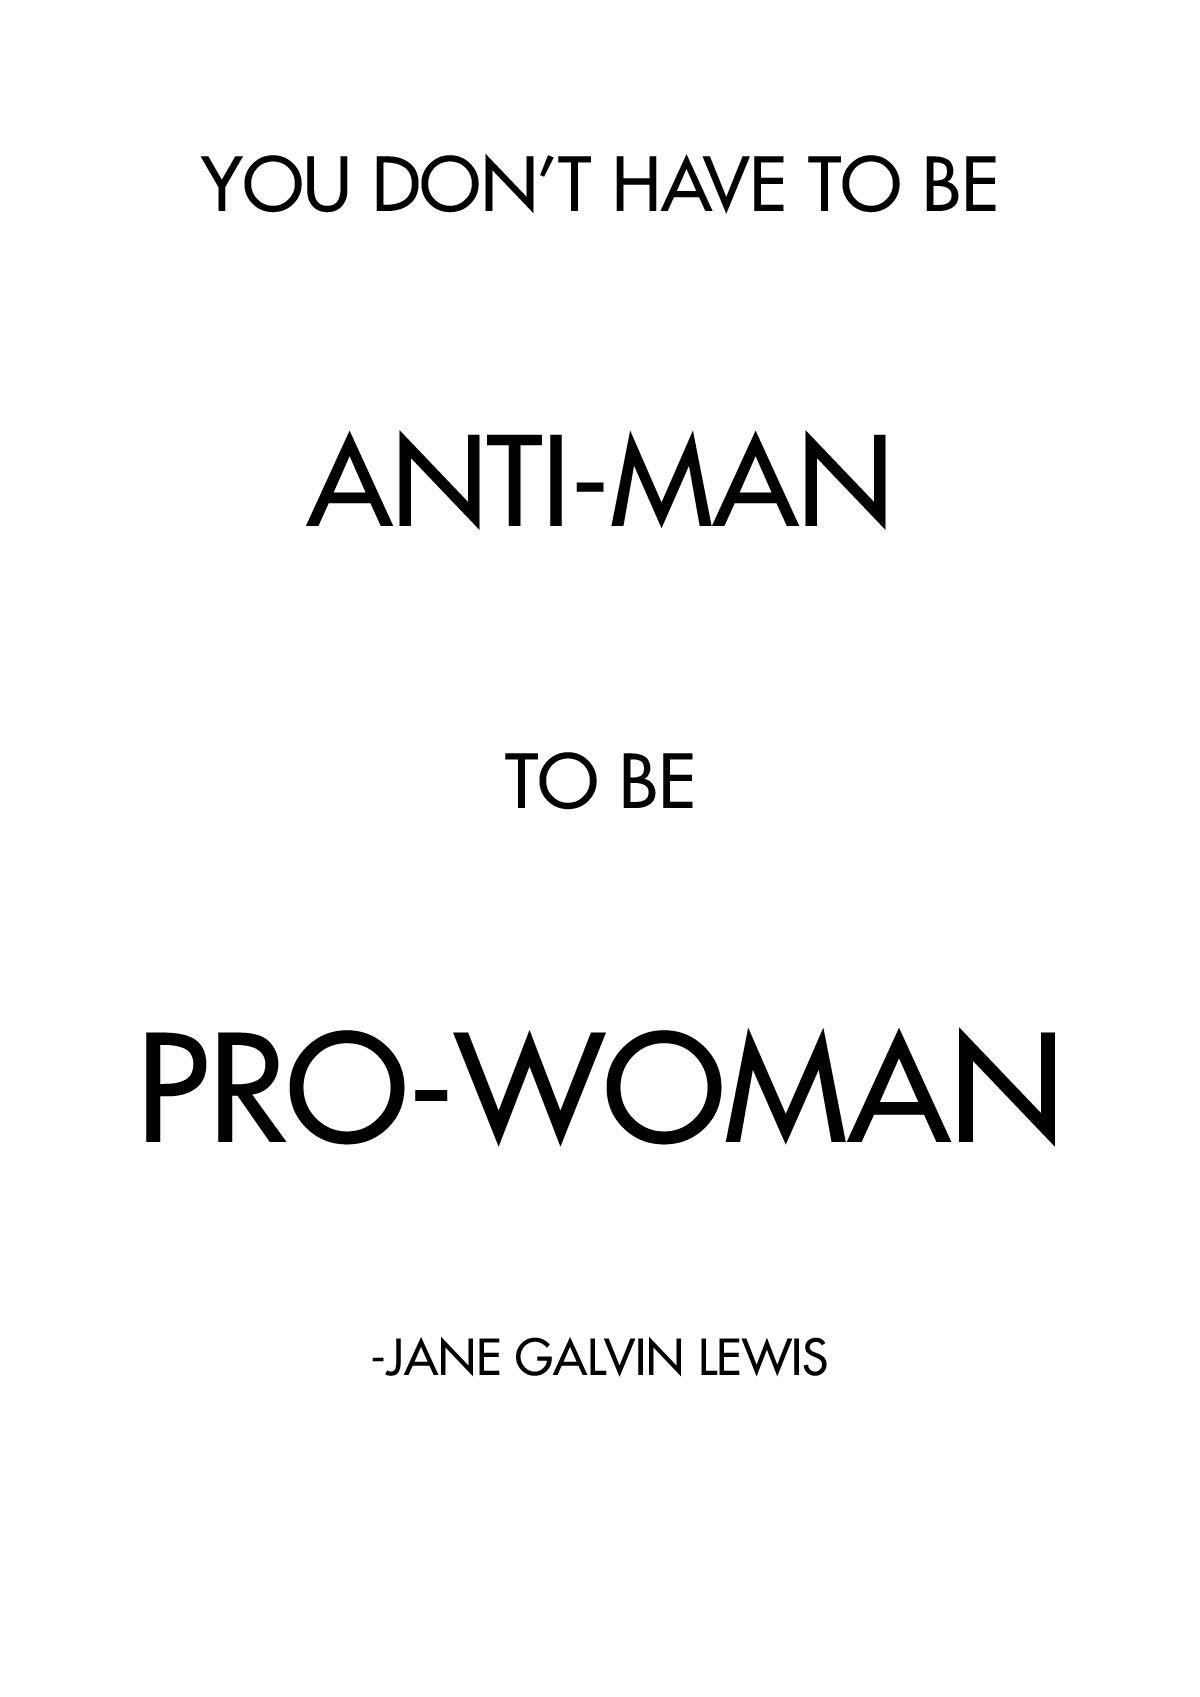 #feminism